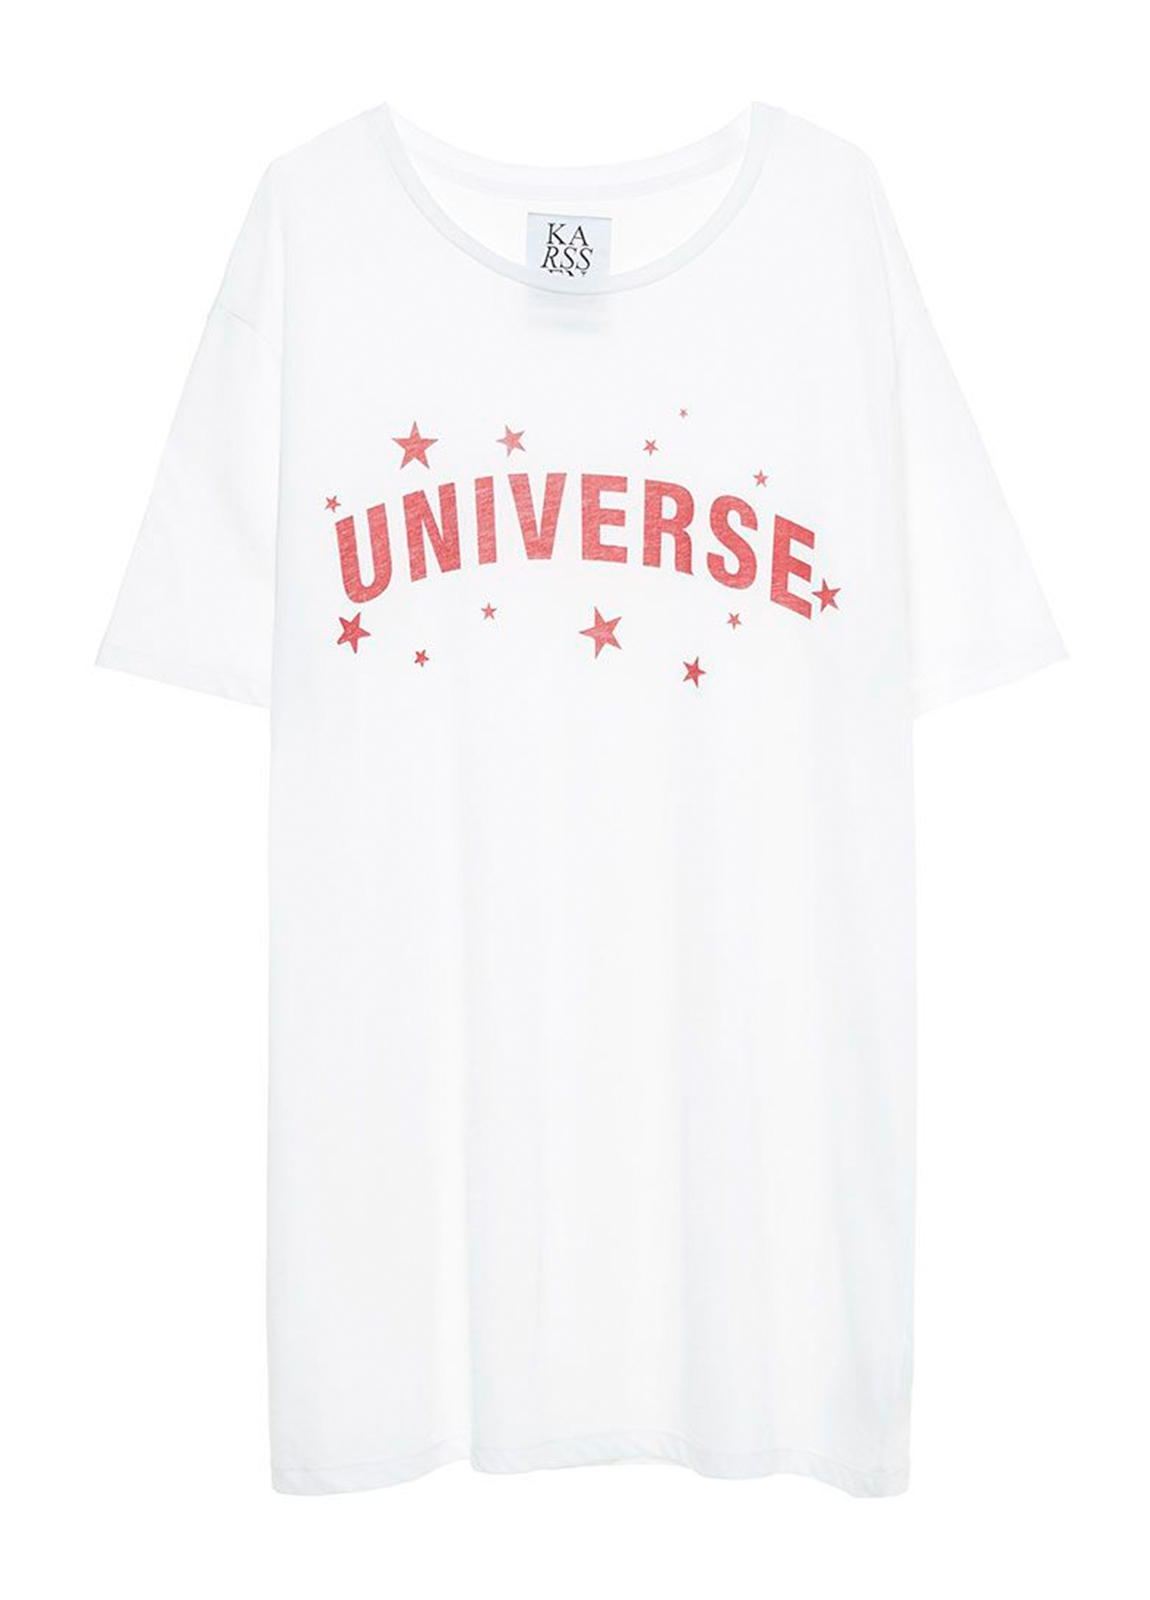 Camiseta manga corta color blanco con estampado gráfico. 50% Algodón 50% Modal. - Ítem1